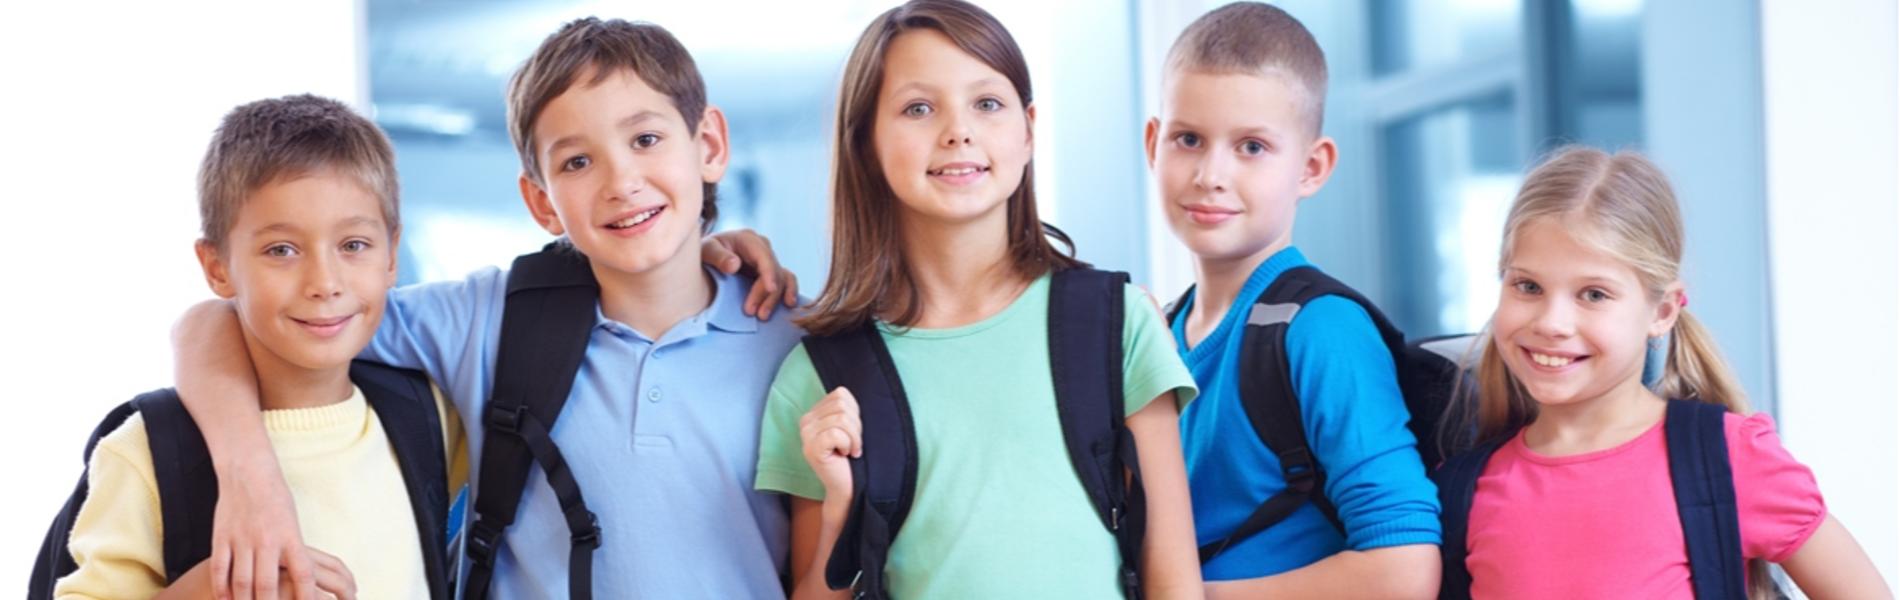 סוף שנת הלימודים: התעודה שאתם ההורים צריכים למלא